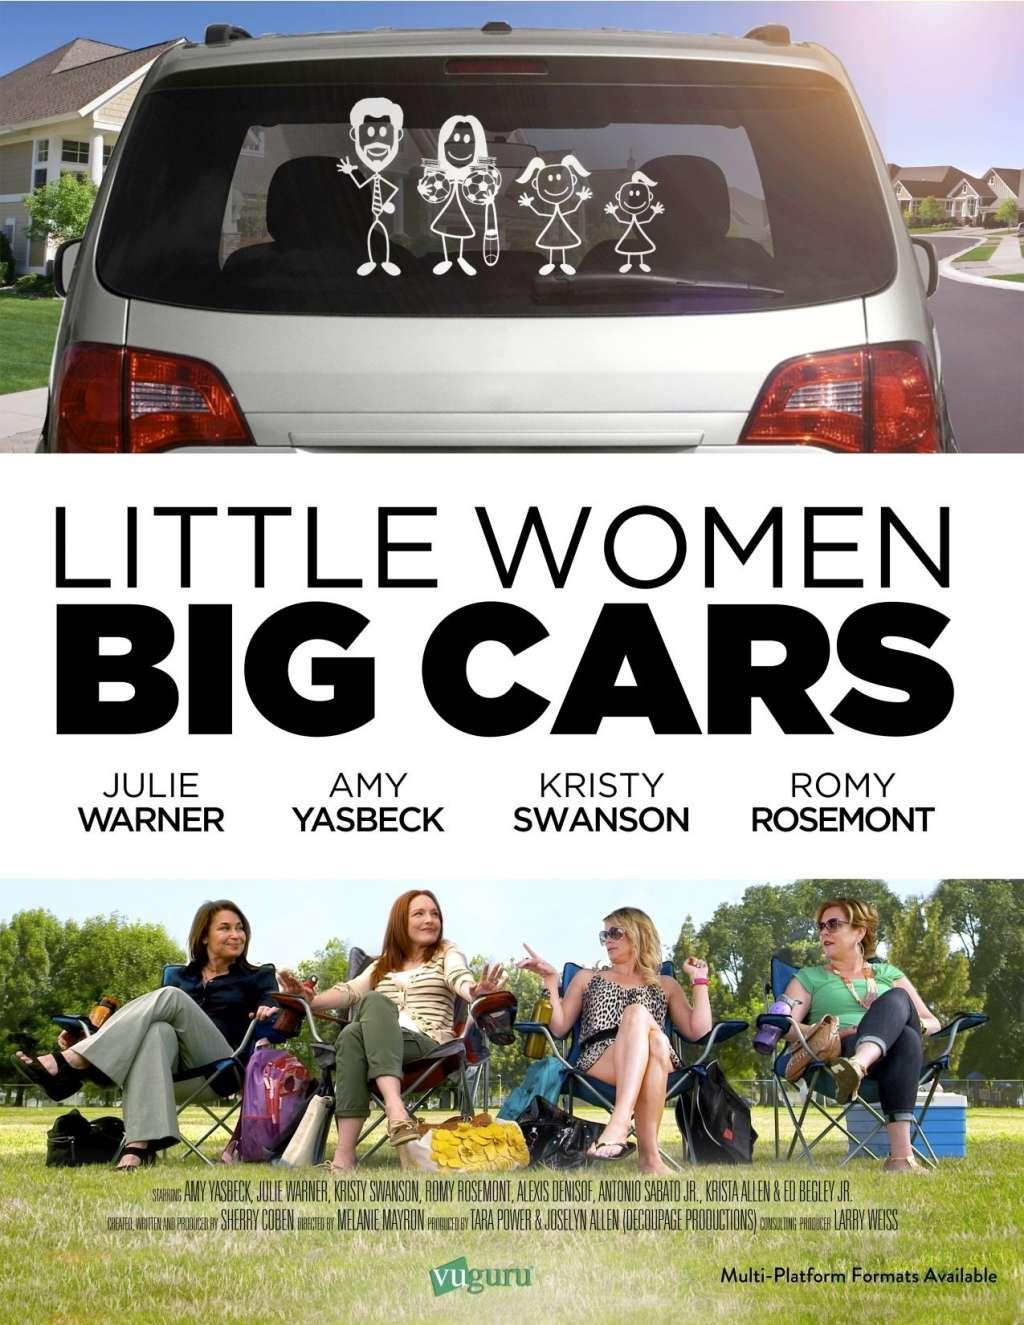 Little Women, Big Cars kapak